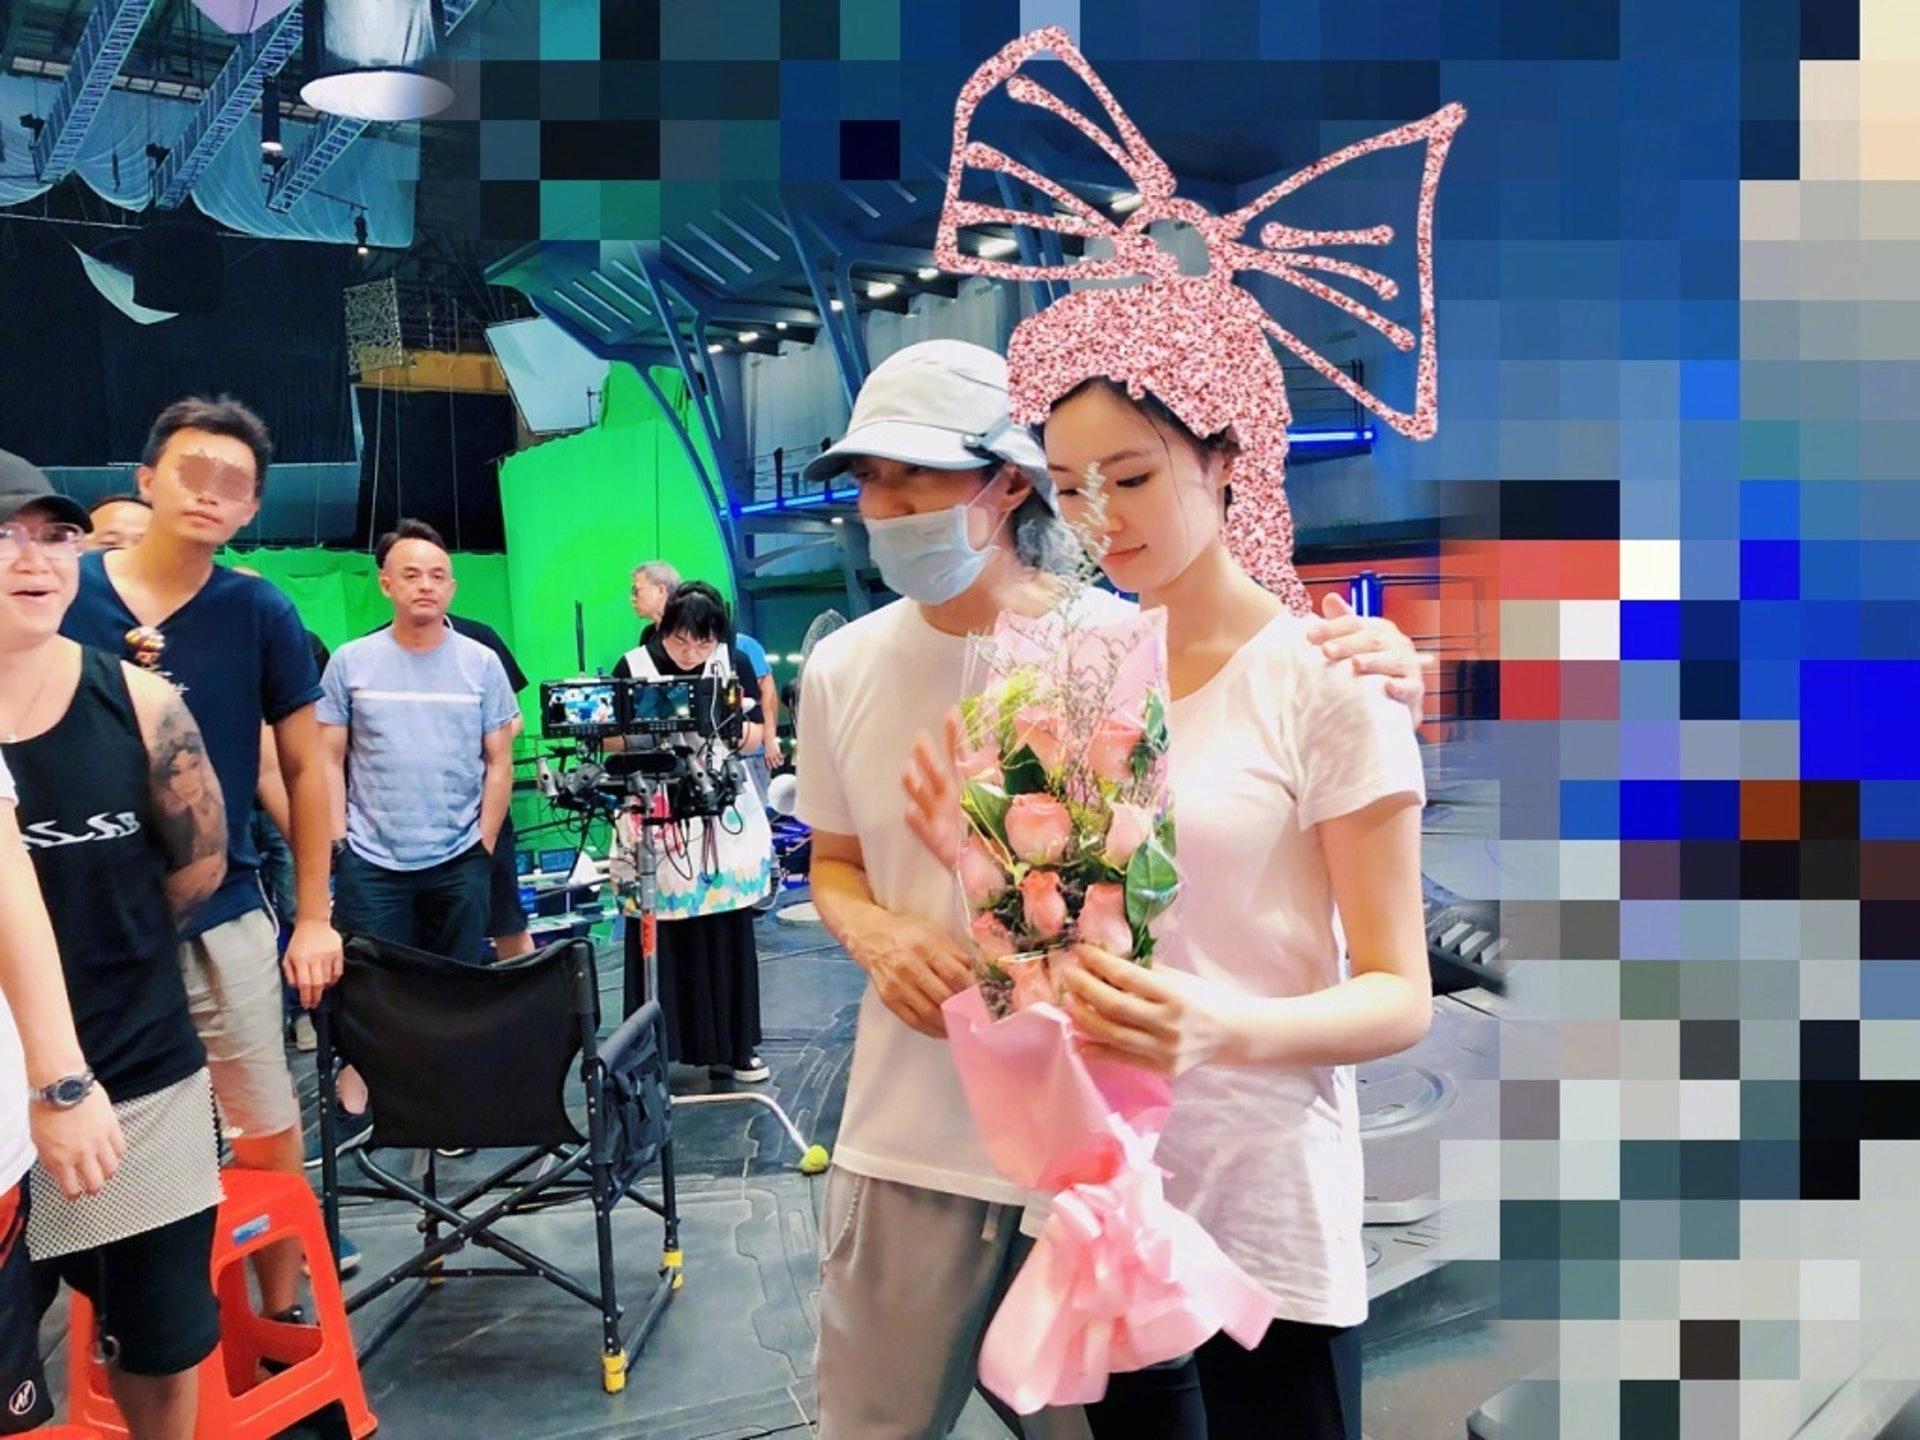 《美人鱼2》主演没有邓超和吴亦凡 艾伦林允主演